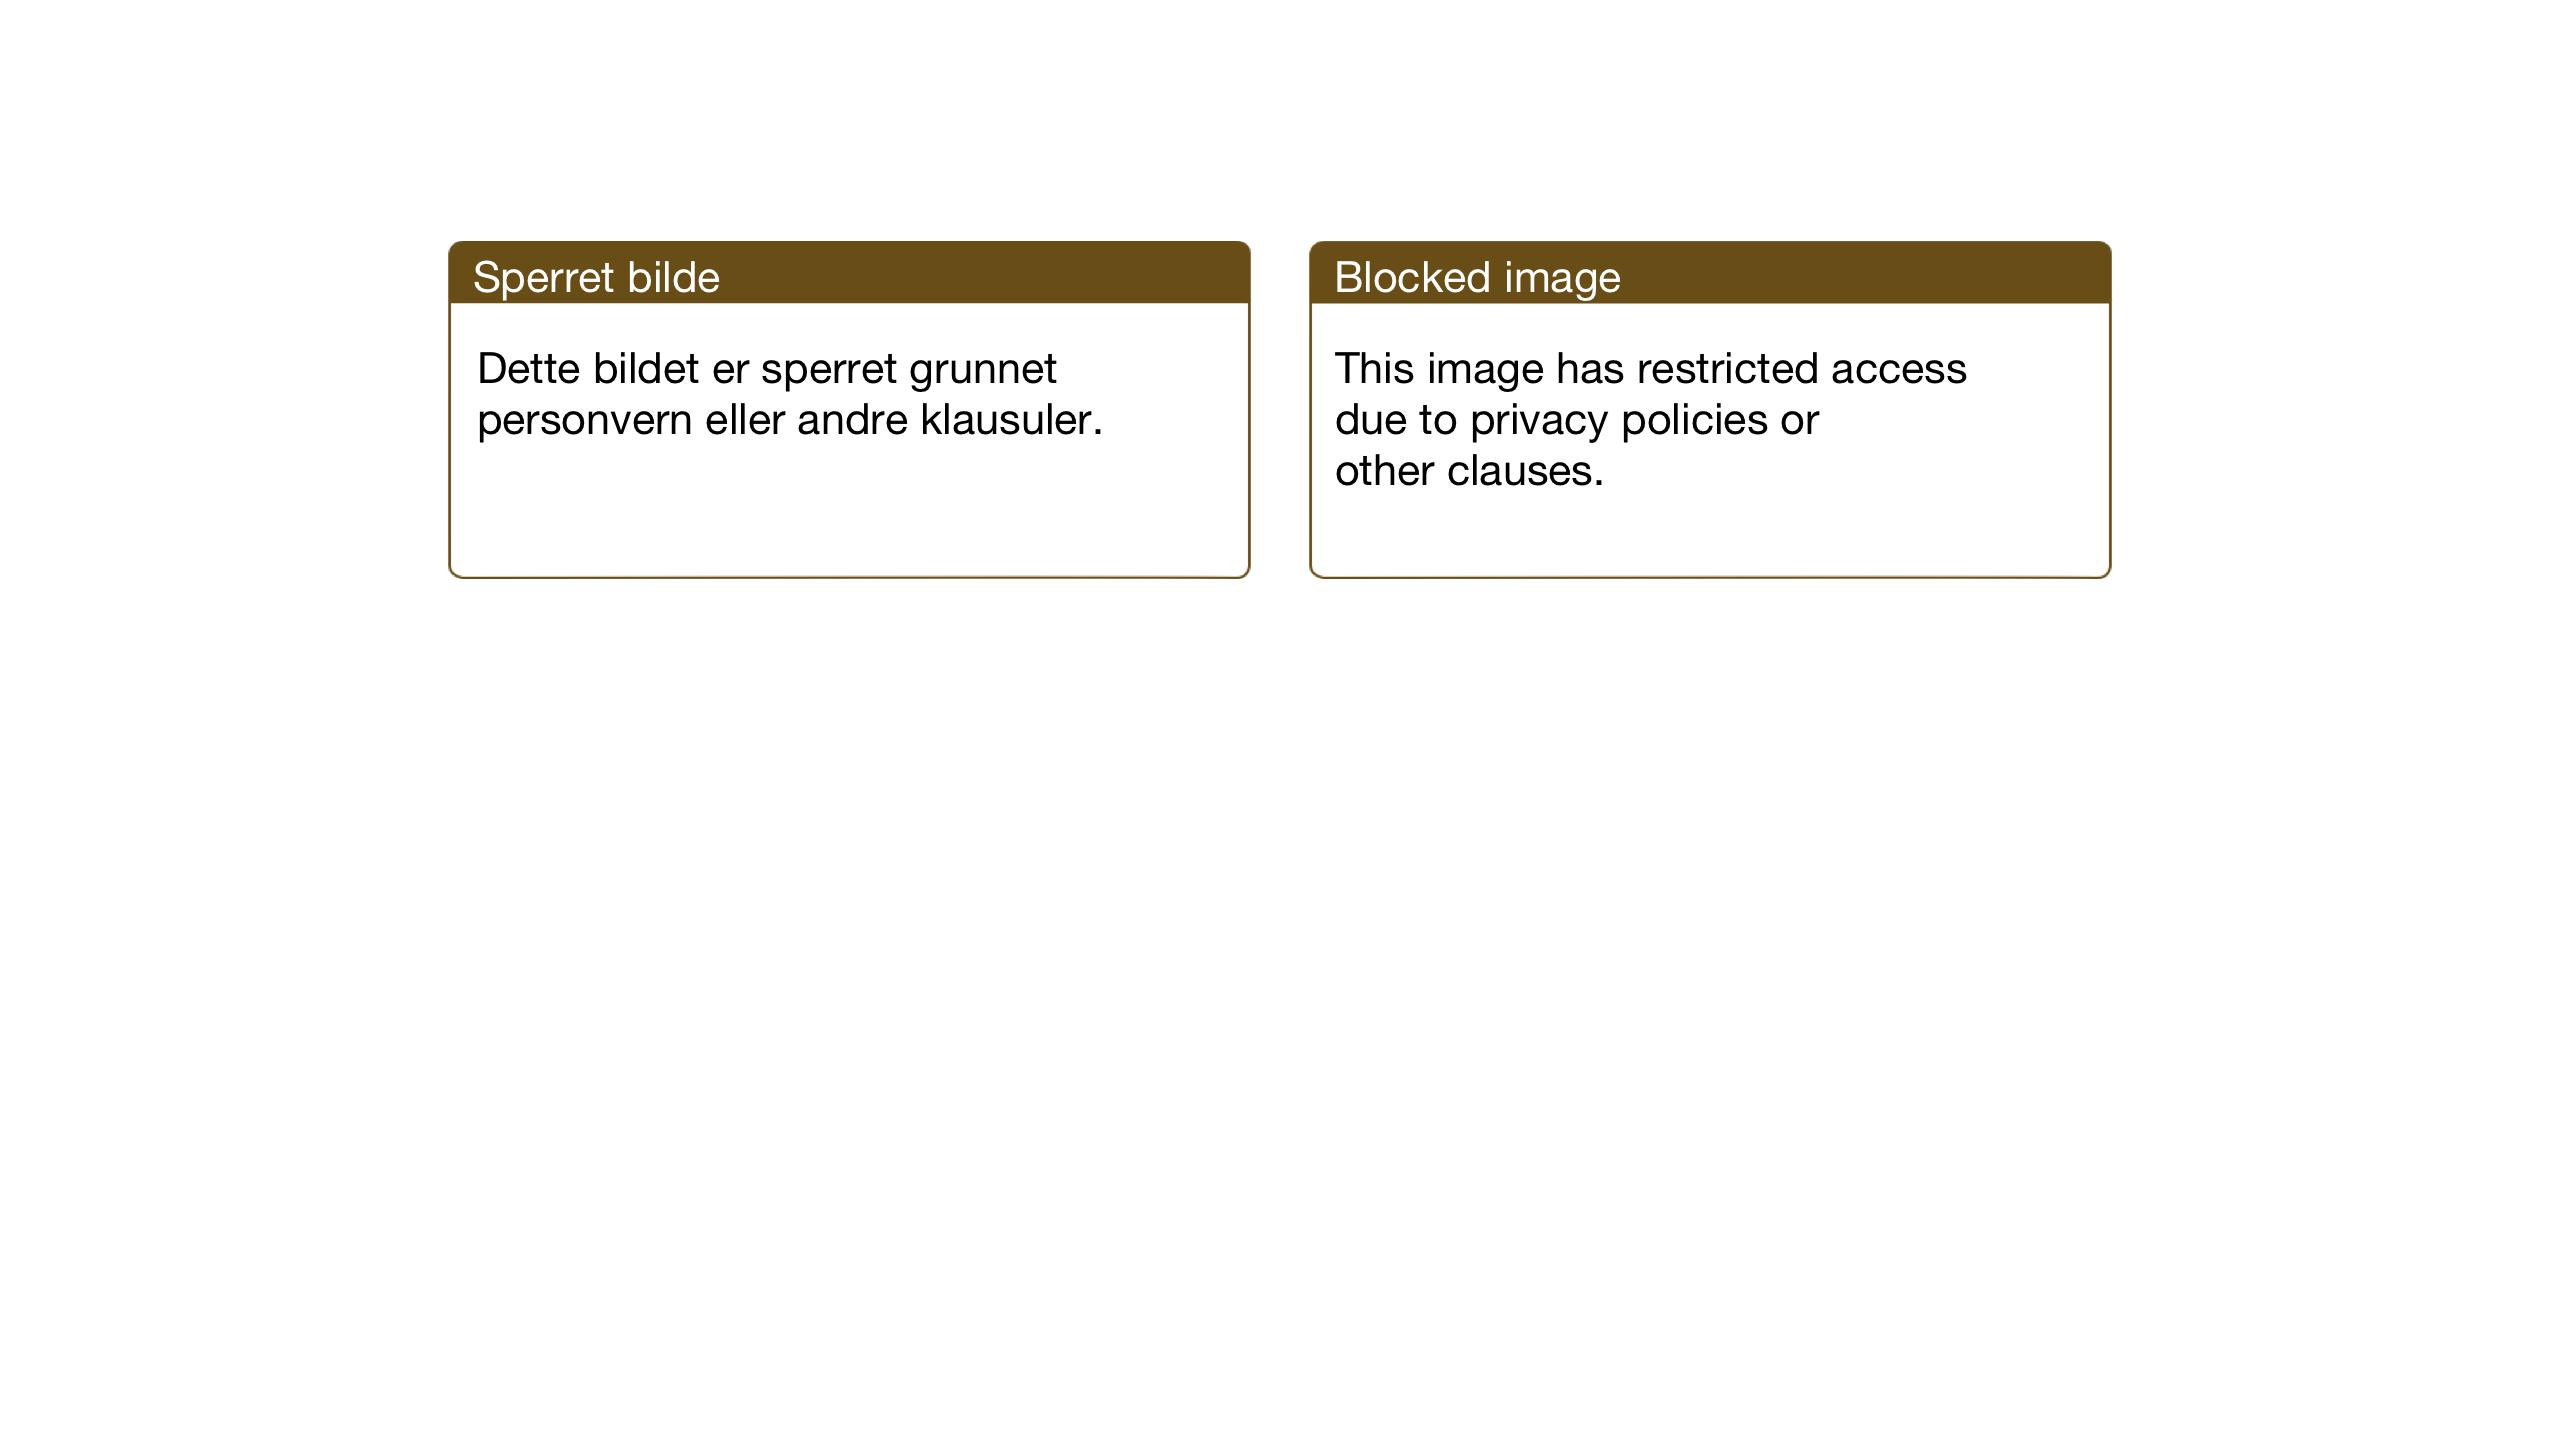 SAT, Ministerialprotokoller, klokkerbøker og fødselsregistre - Nord-Trøndelag, 733/L0328: Klokkerbok nr. 733C03, 1919-1966, s. 19